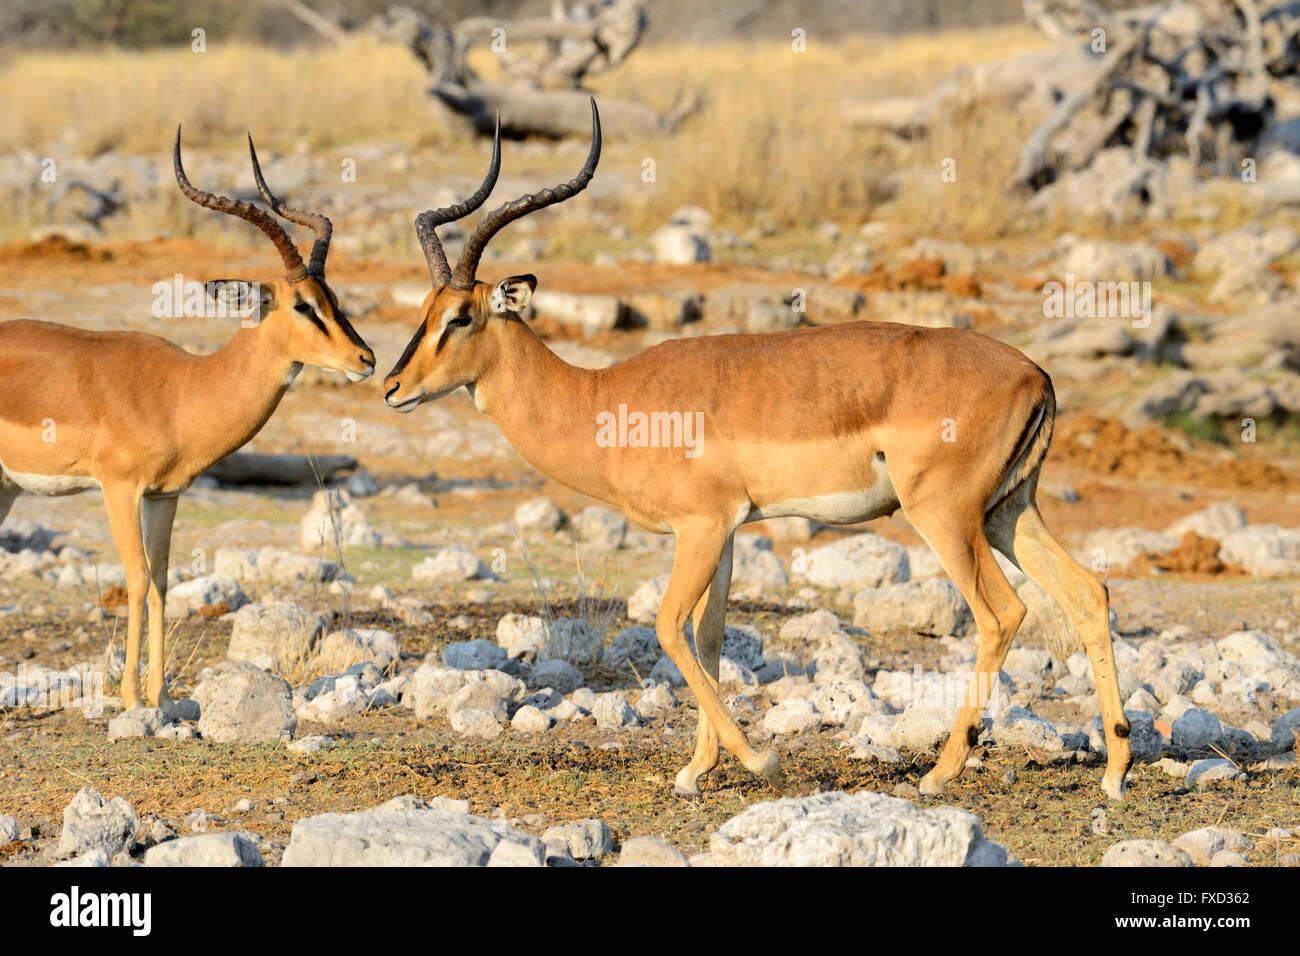 Pair of Impala (Aepyceros melampus) in Etosha National Park, Namibia - Stock Image